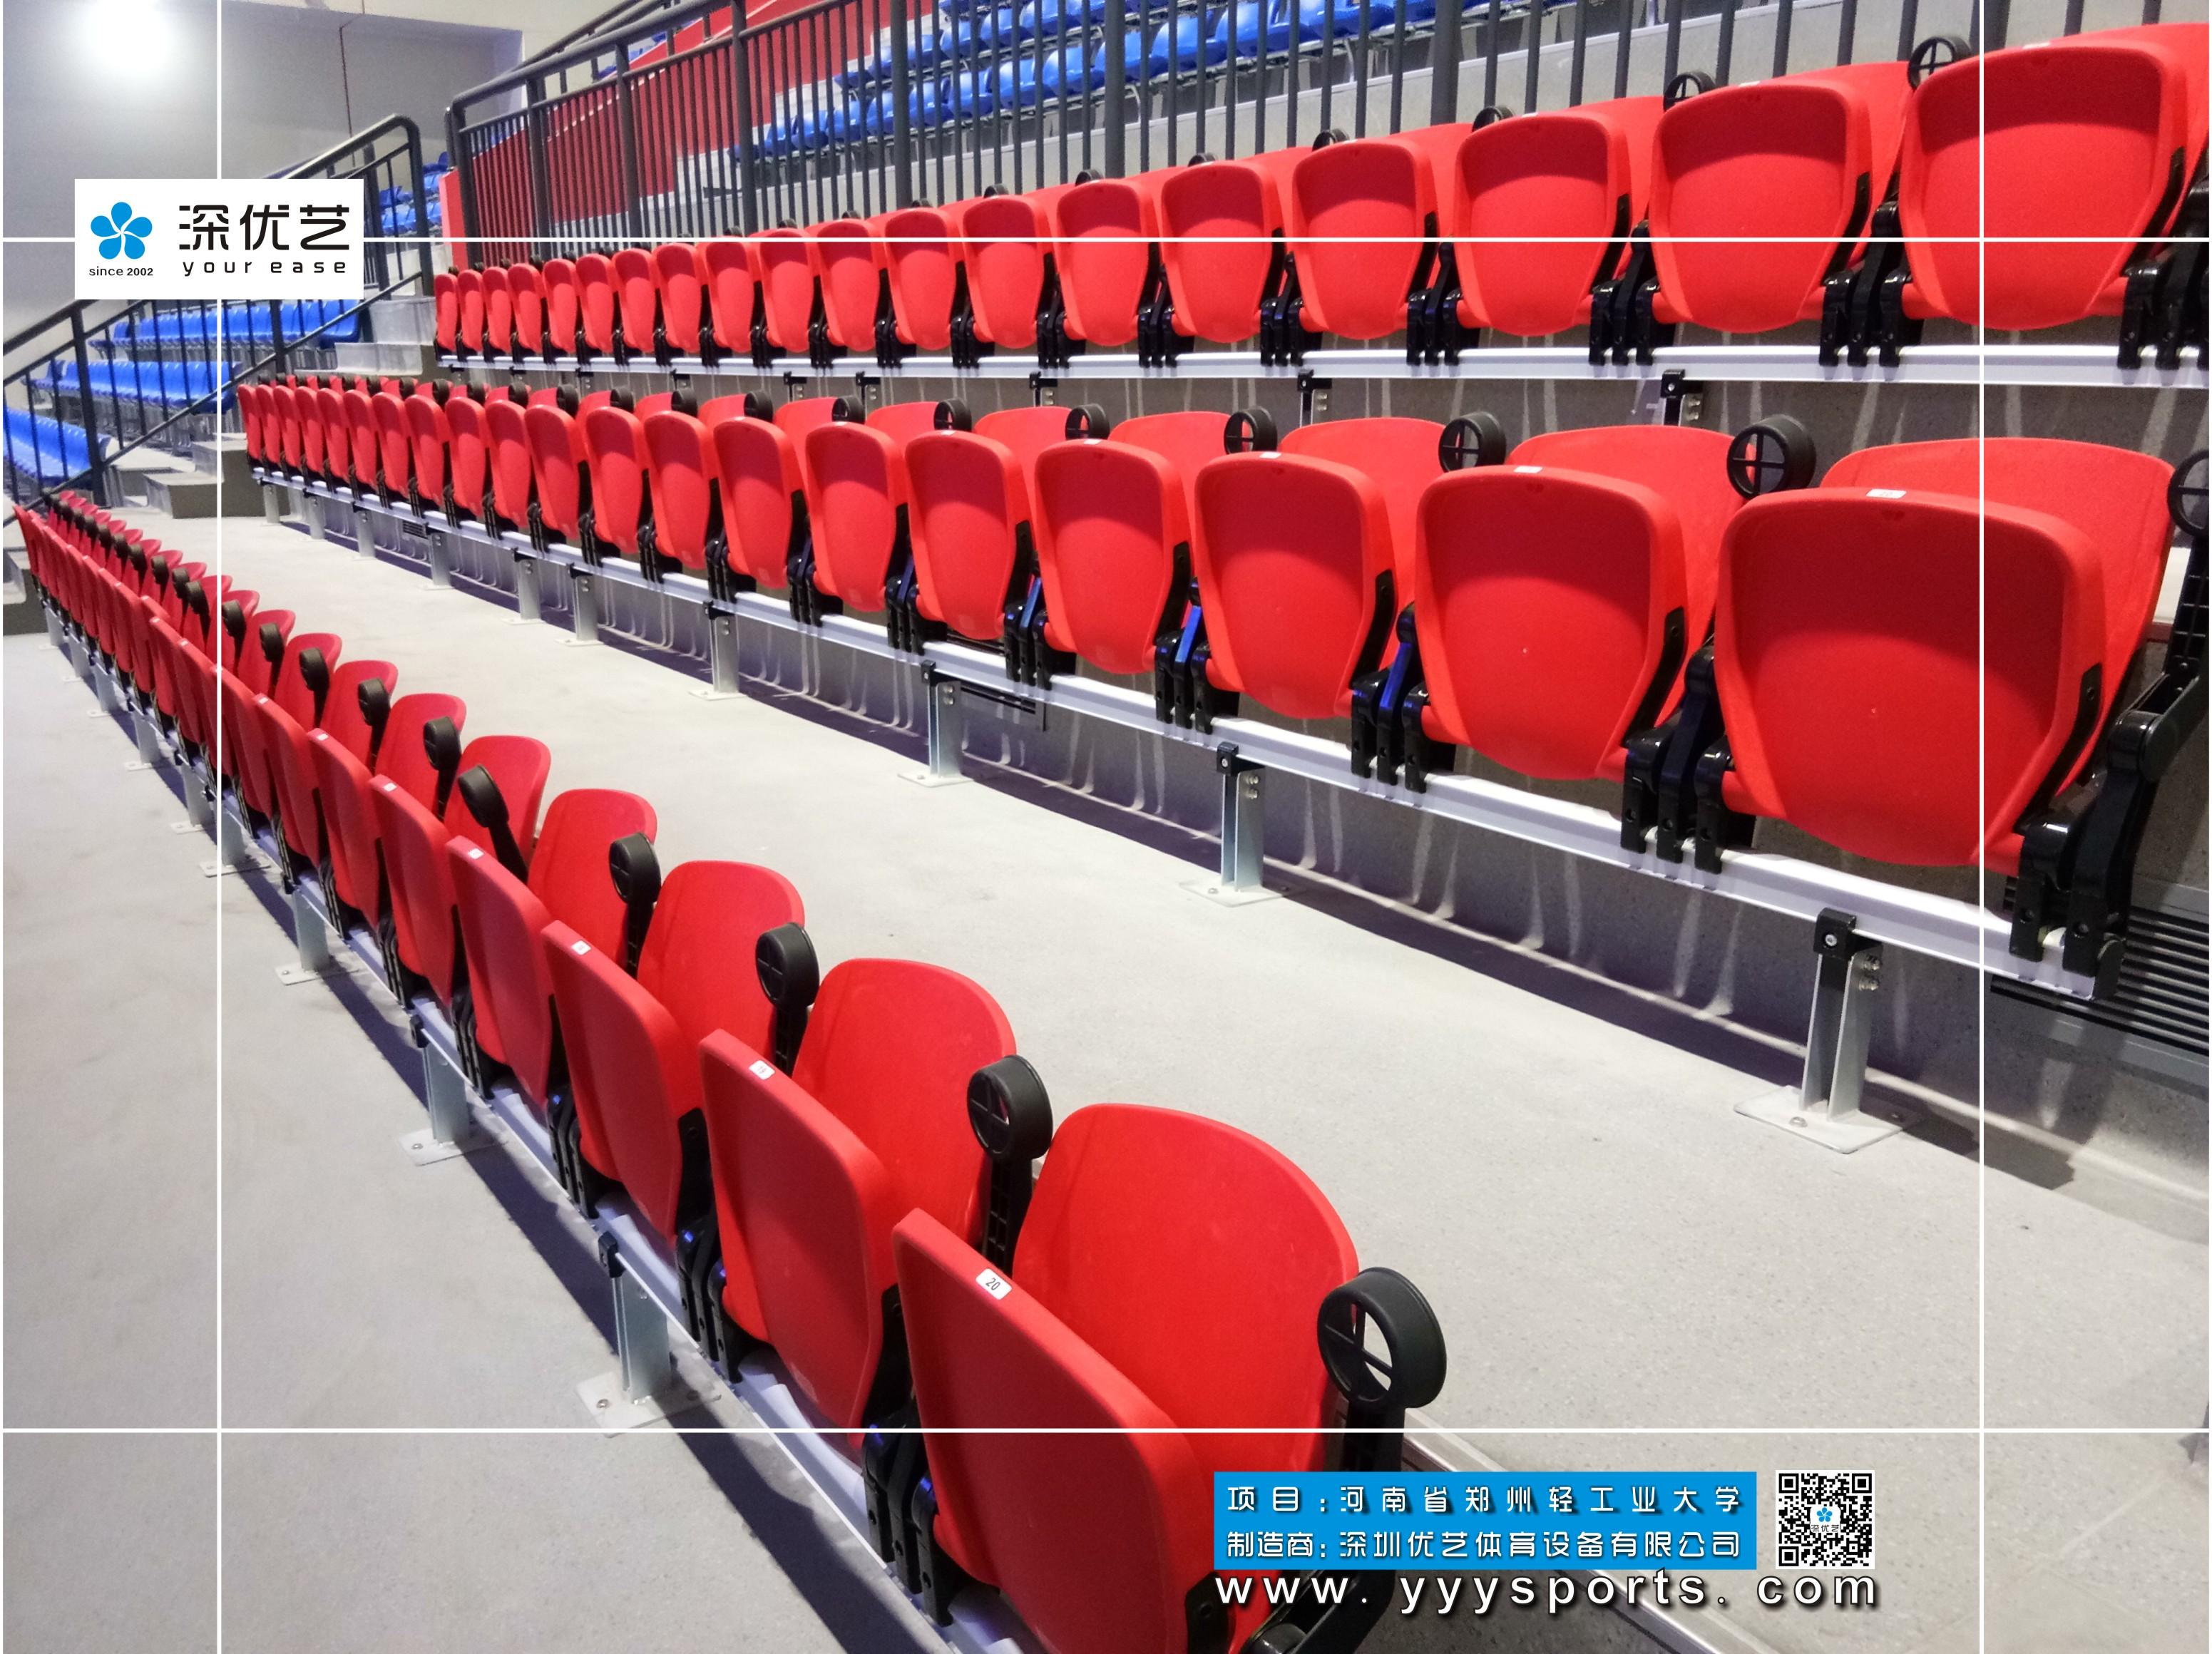 河南轻工业大学科学校区优德88手机app下载优德88下载座椅